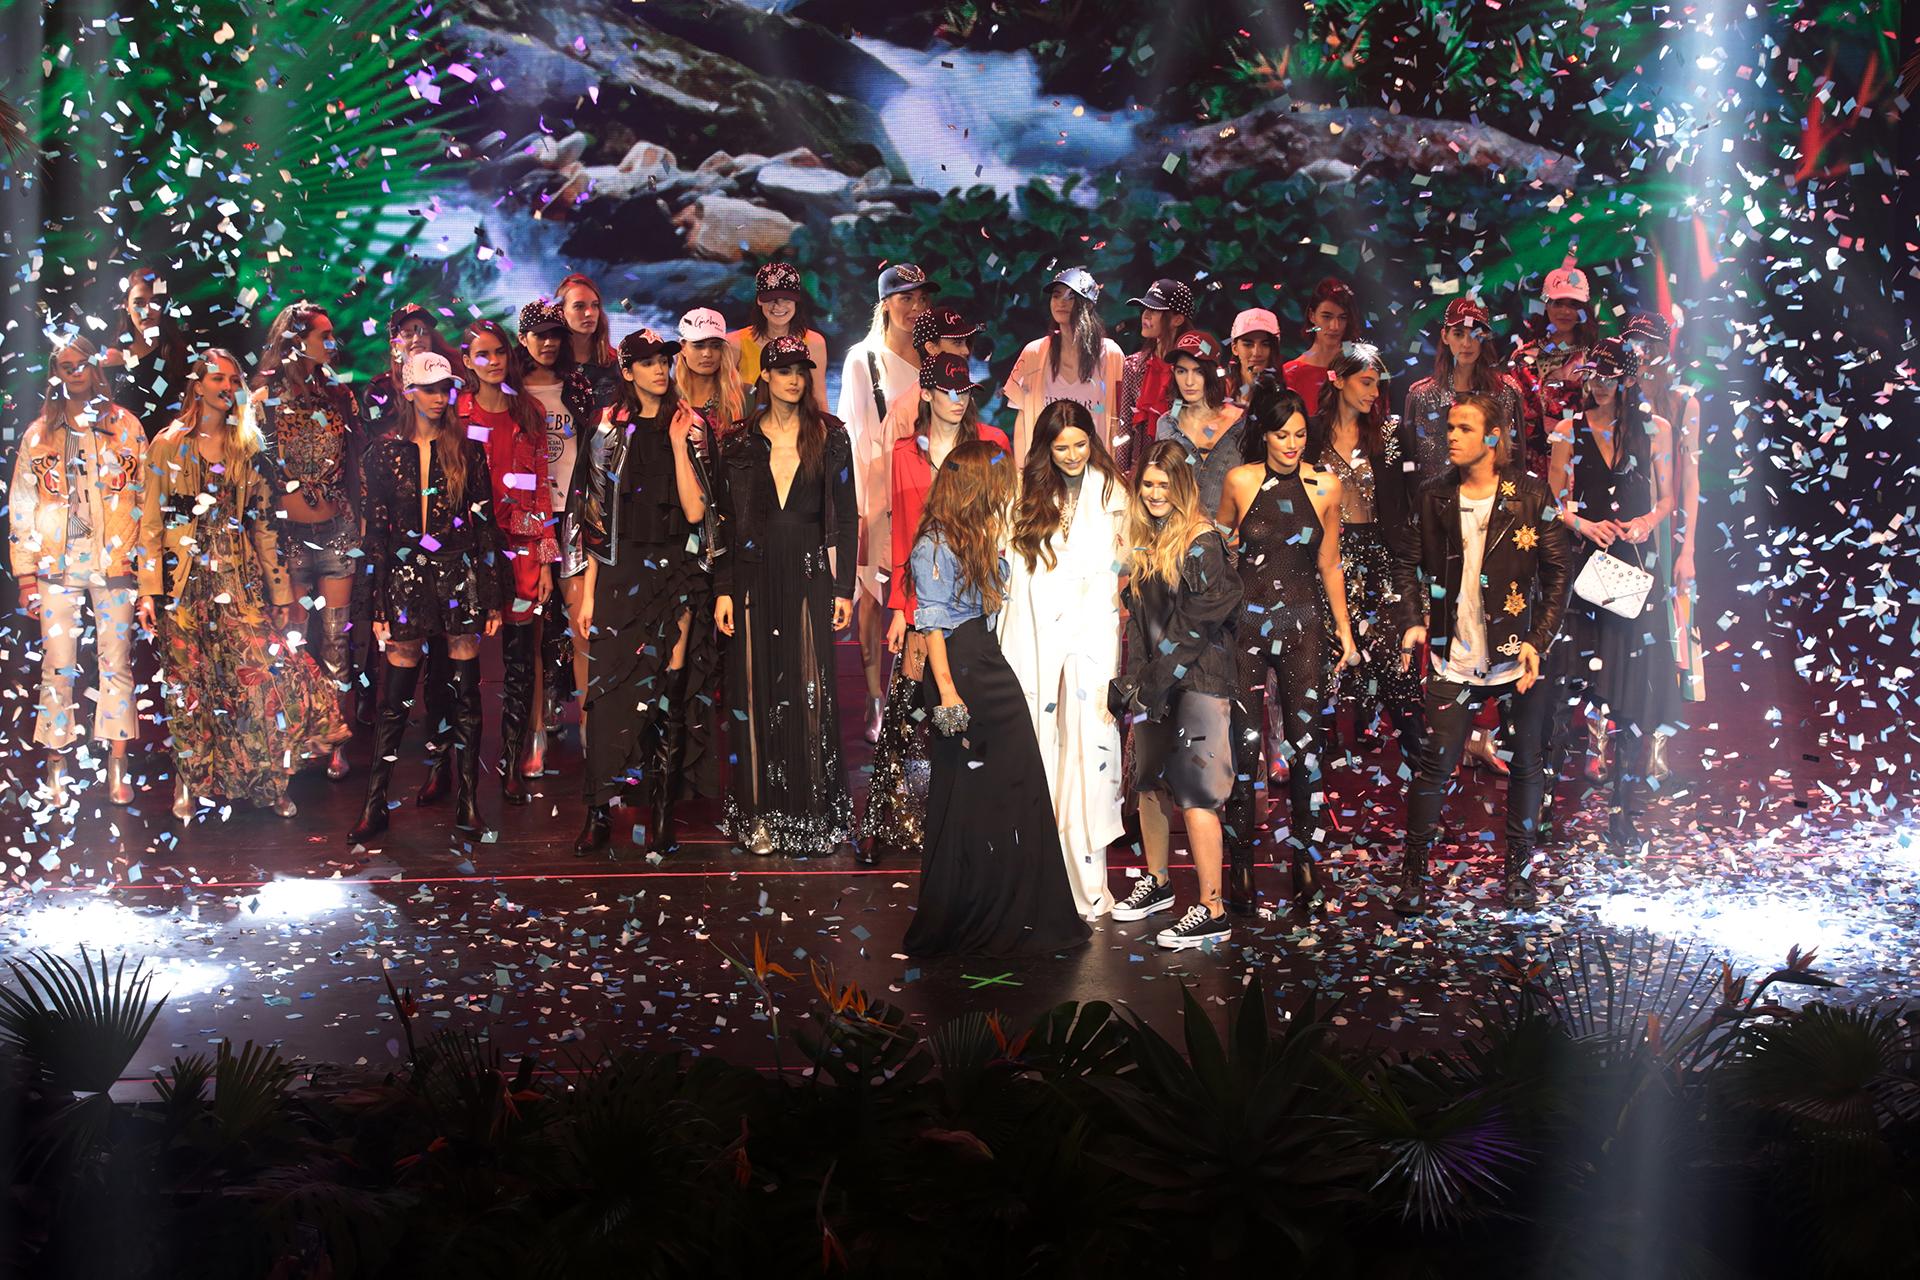 Micaela Tinelli y Romina Pigretti presentaron la nueva colección de Ginebra en un impactante fashion show. Sobre el escenario las acompañaron Candelaria Tinelli, Oriana Sabatini y Benjamín Amadeo